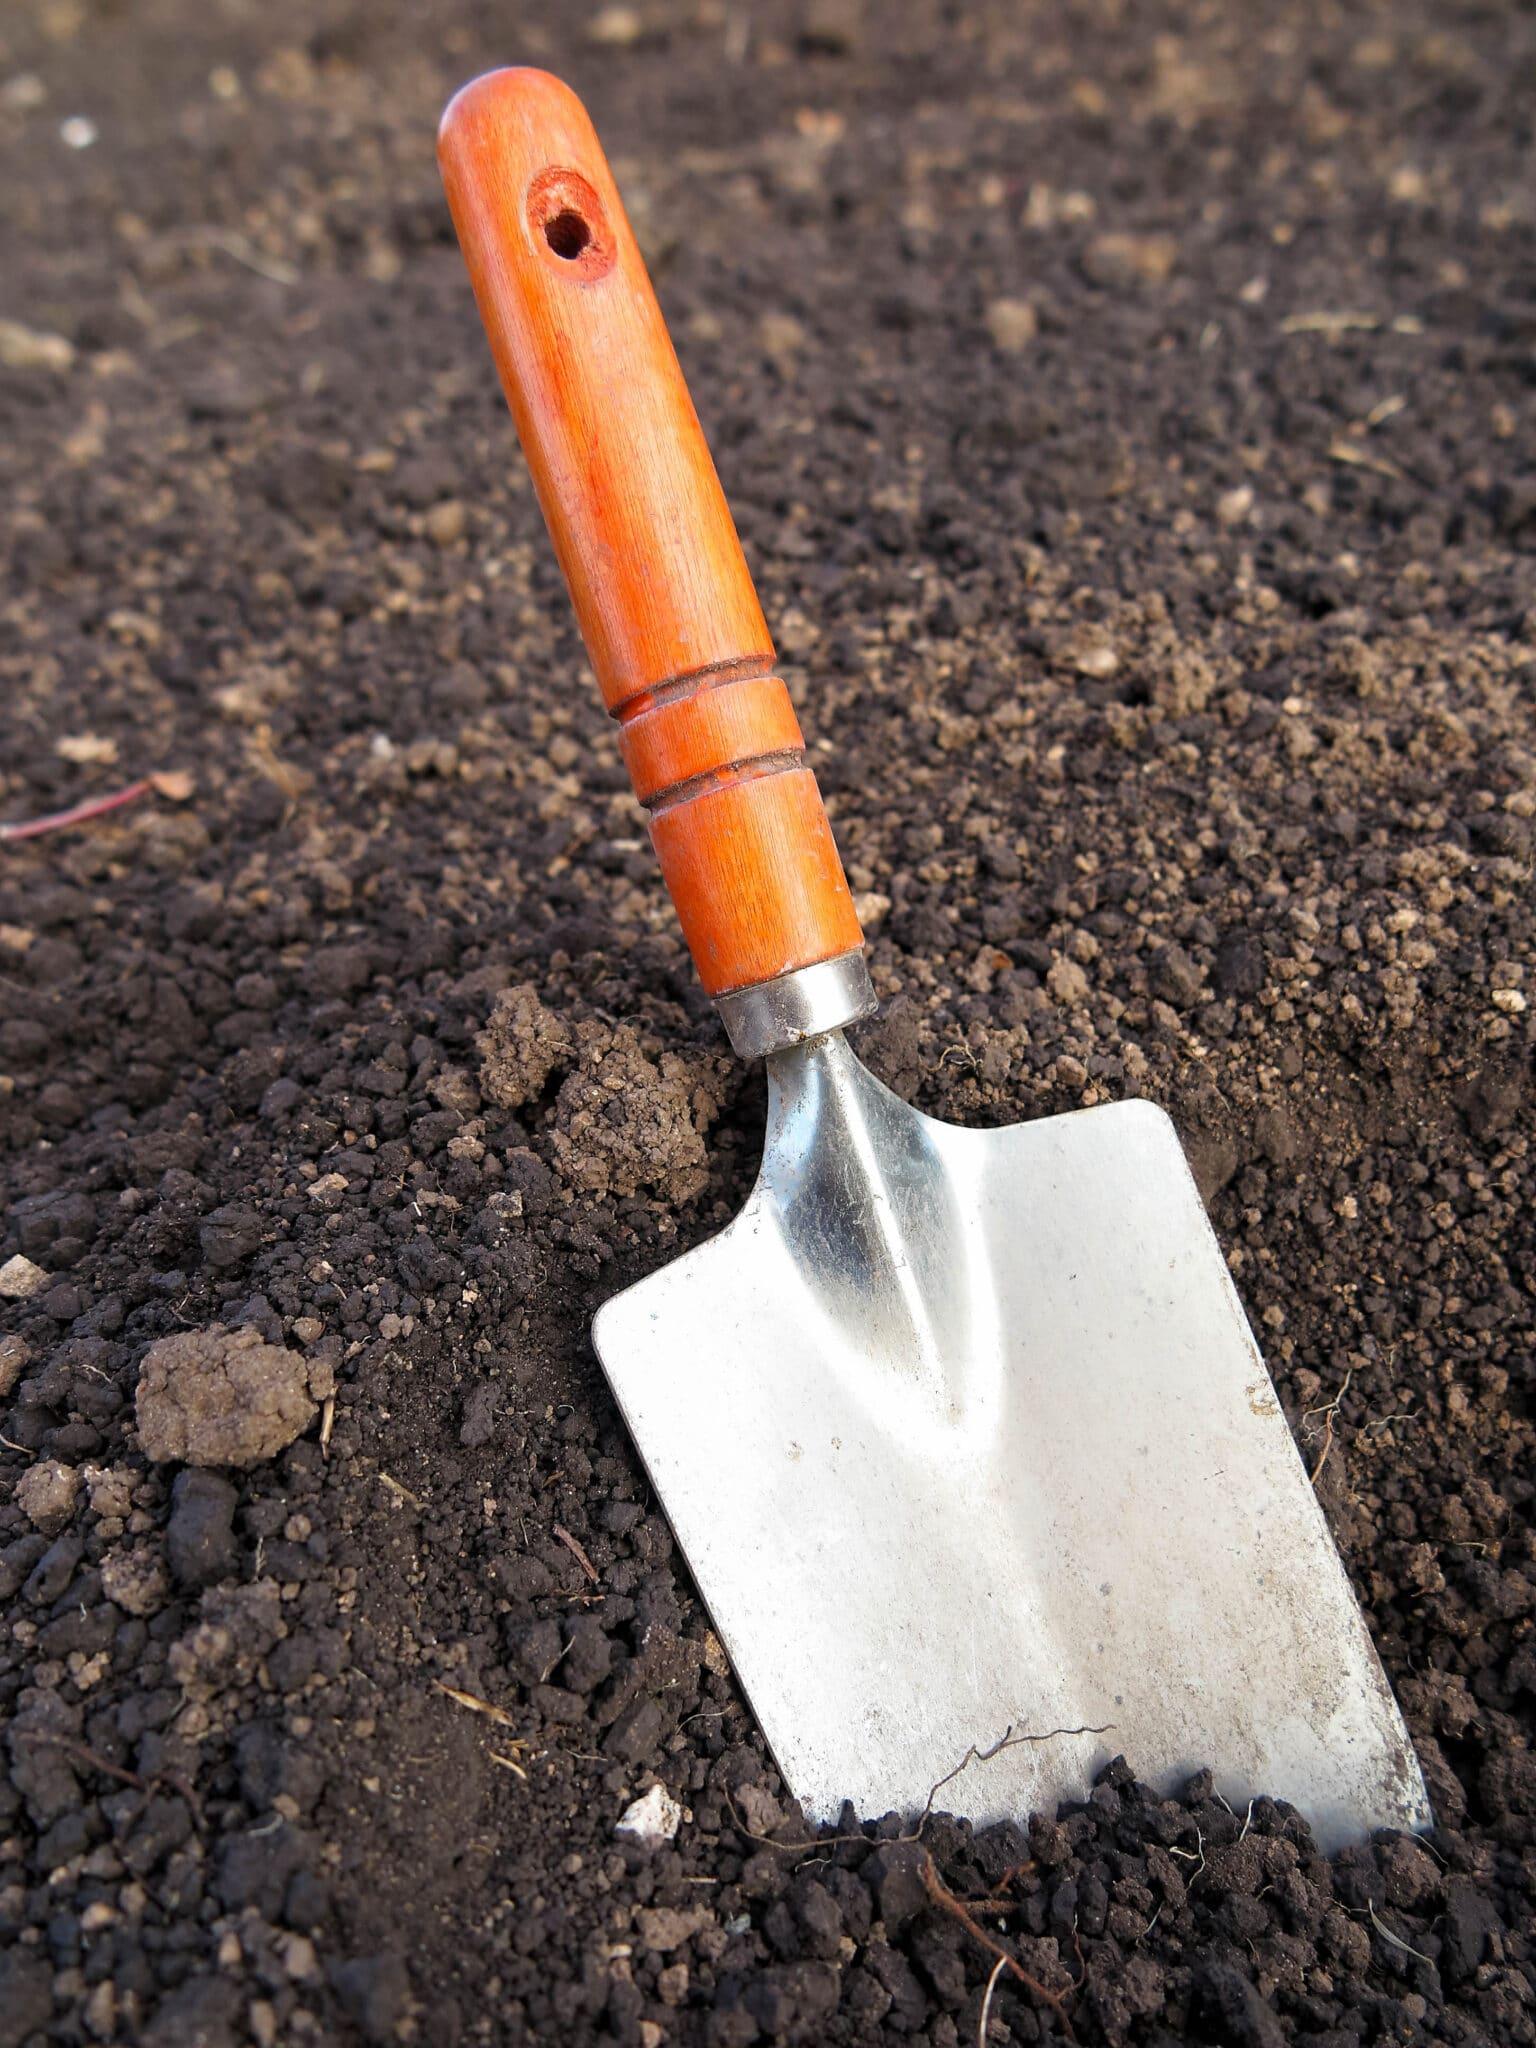 A garden trowel resting in loose soil.